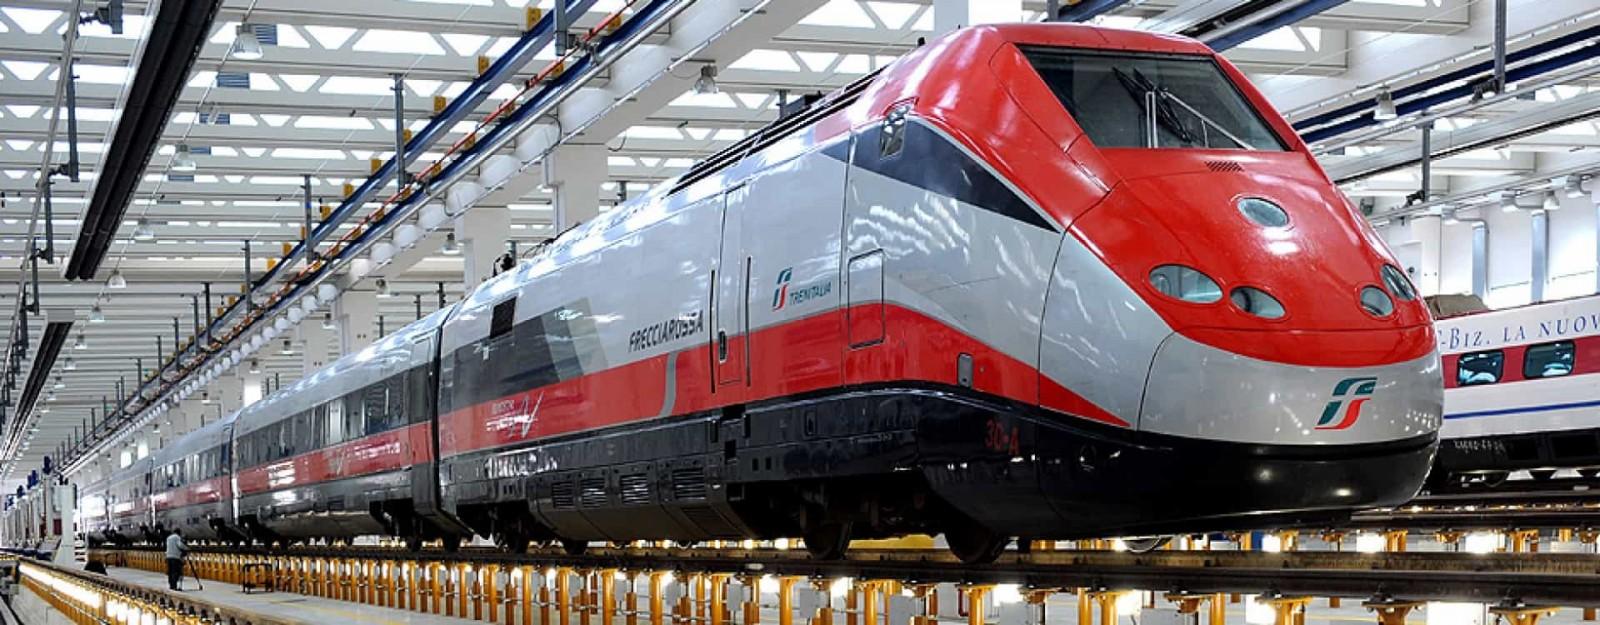 Trenitalia: 30% di sconto su ogni biglietto SOLO OGGI